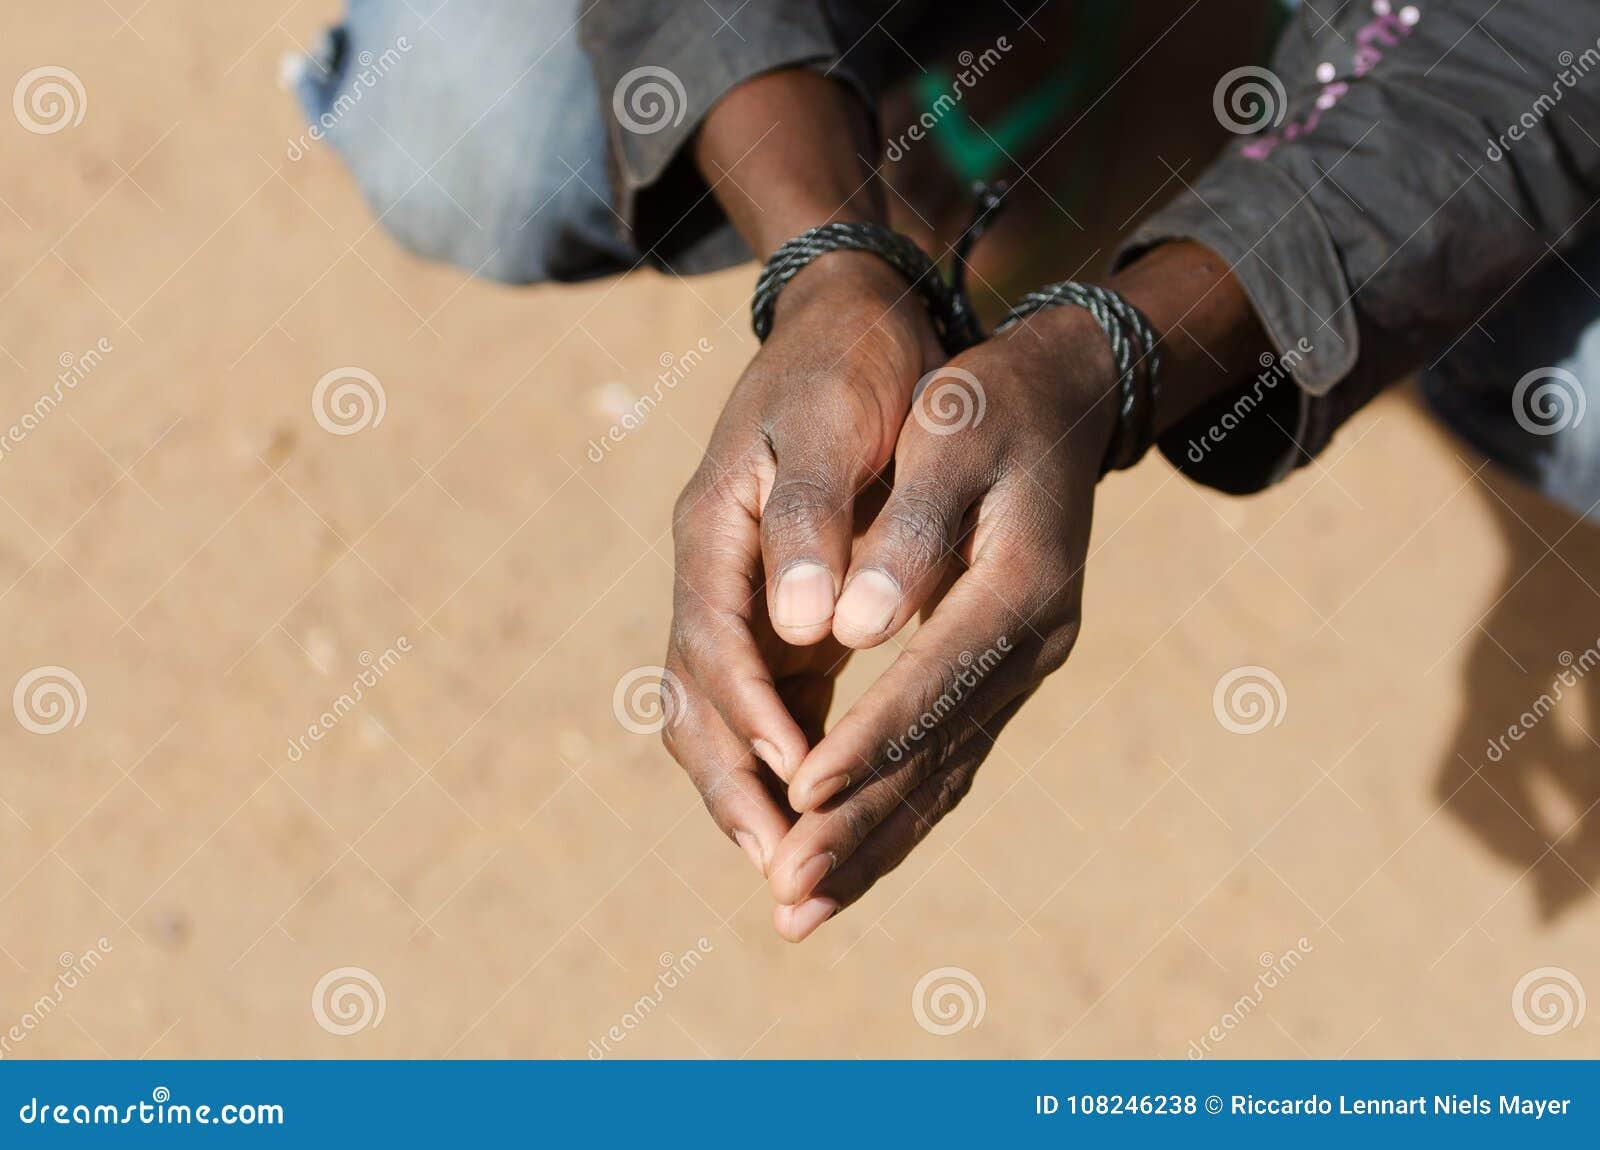 Flüchtling in Libyen-Symbol - Sklaverei-Konzept mit schwarzem Mann